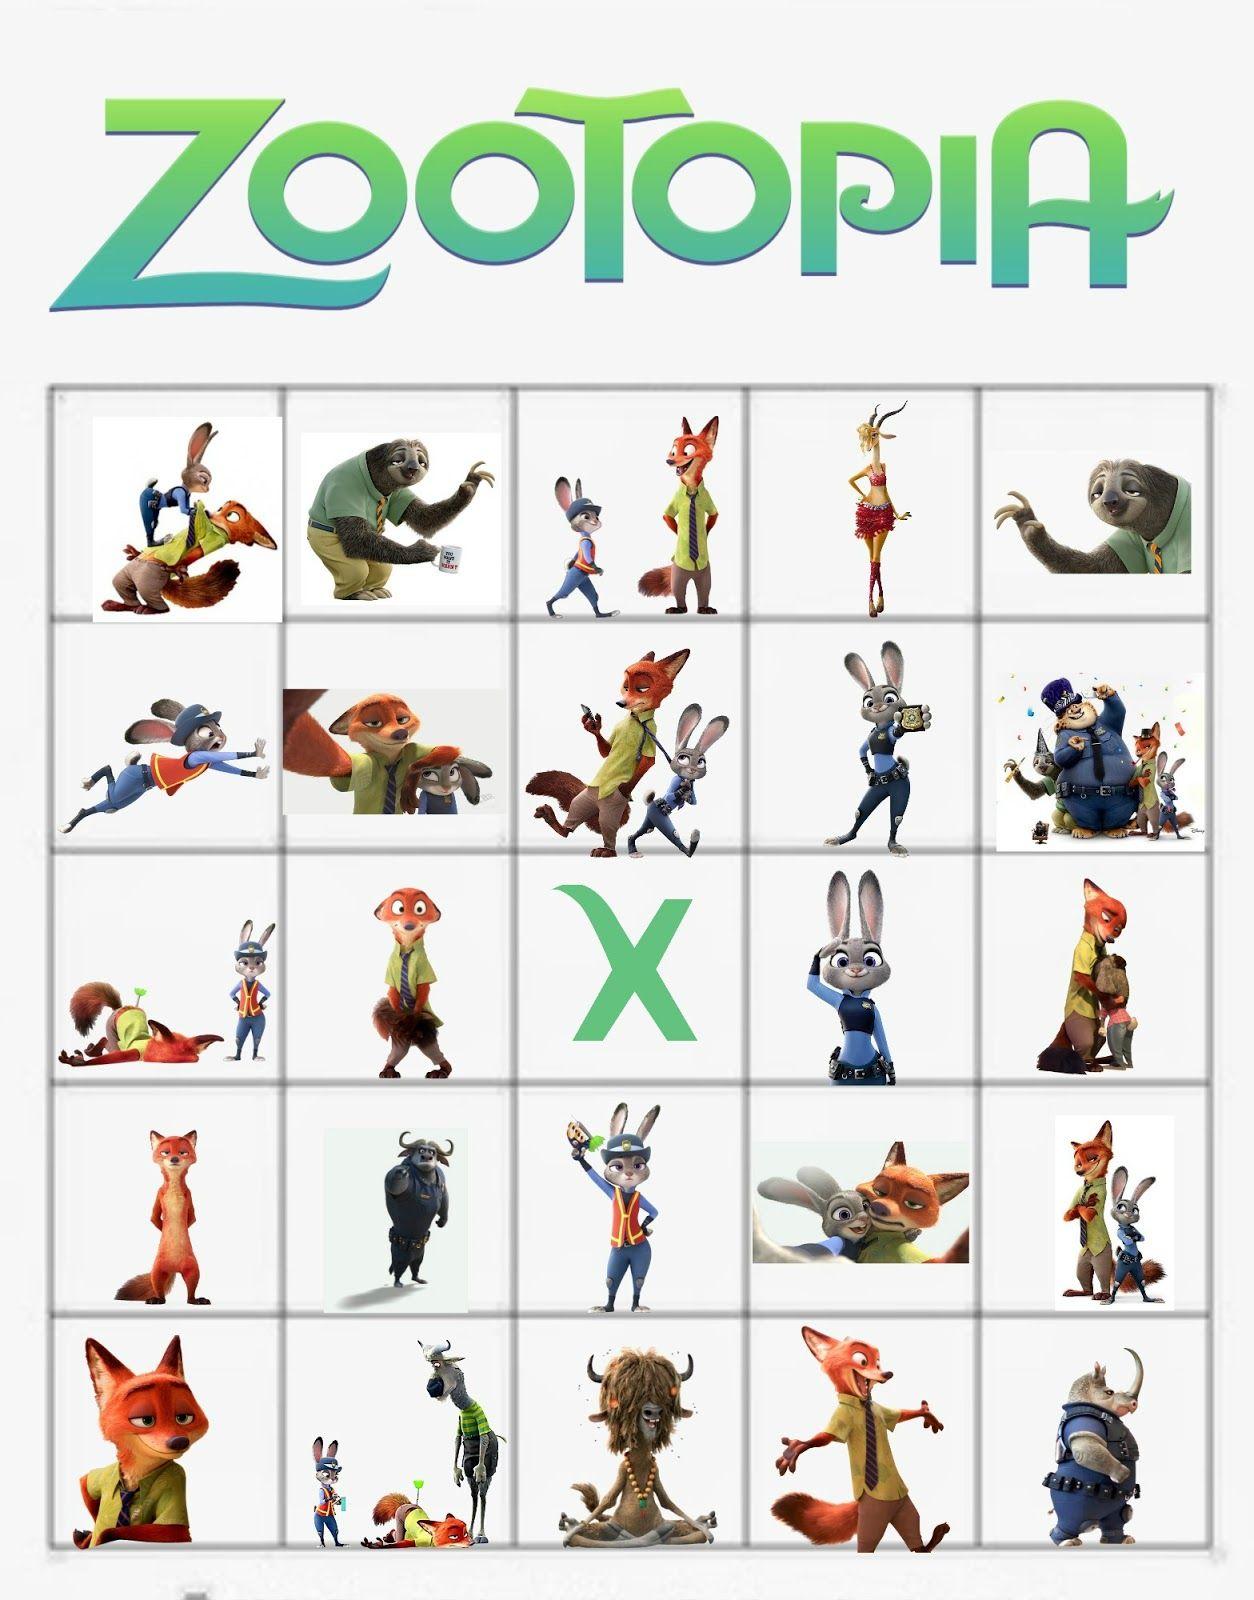 Zootopia Bingo Cards